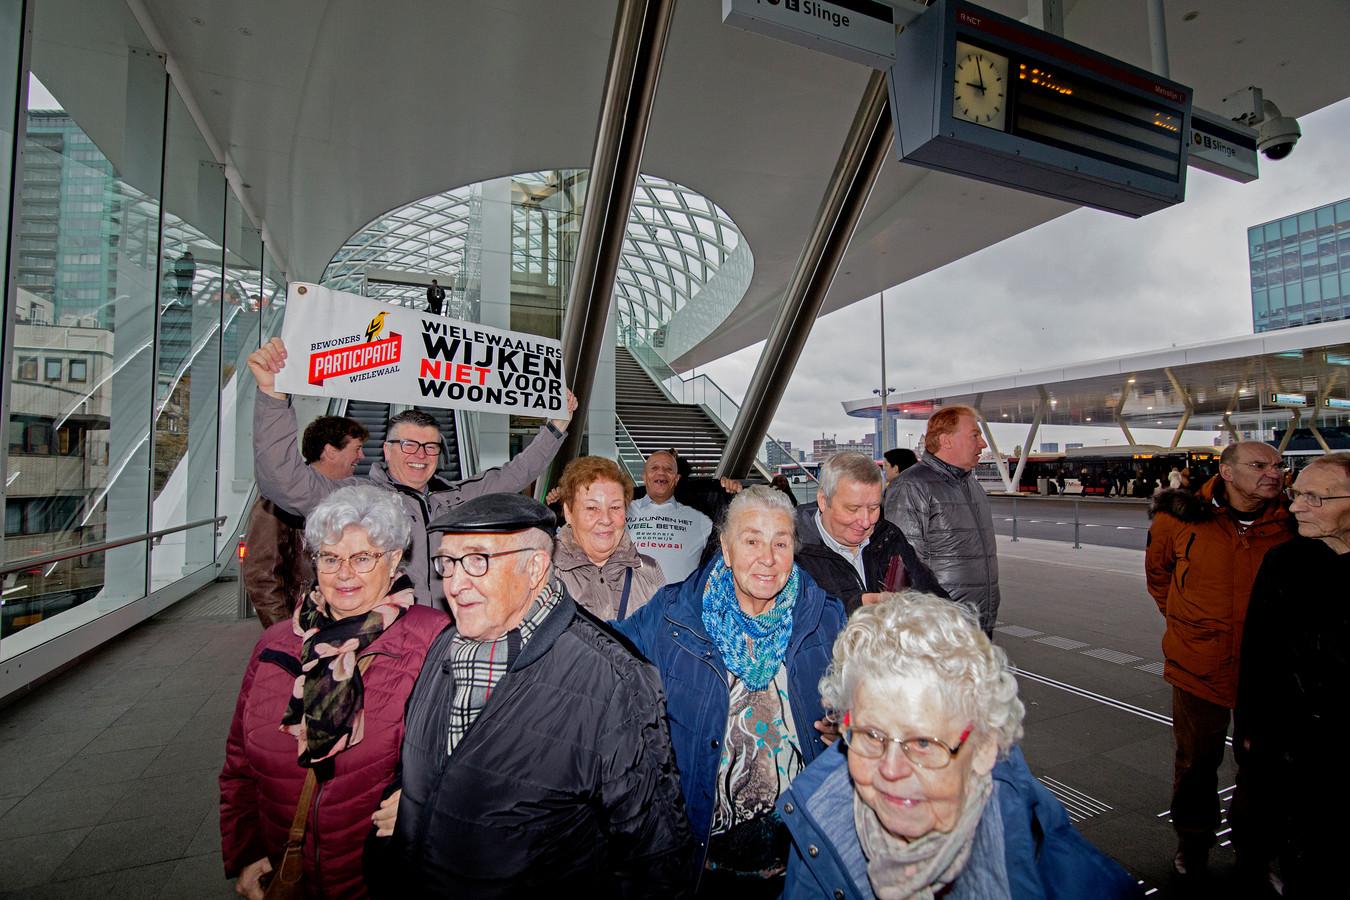 Bewoners uit de wijk Wielewaal in Rotterdam op weg naar het gerechtshof in Den Haag.